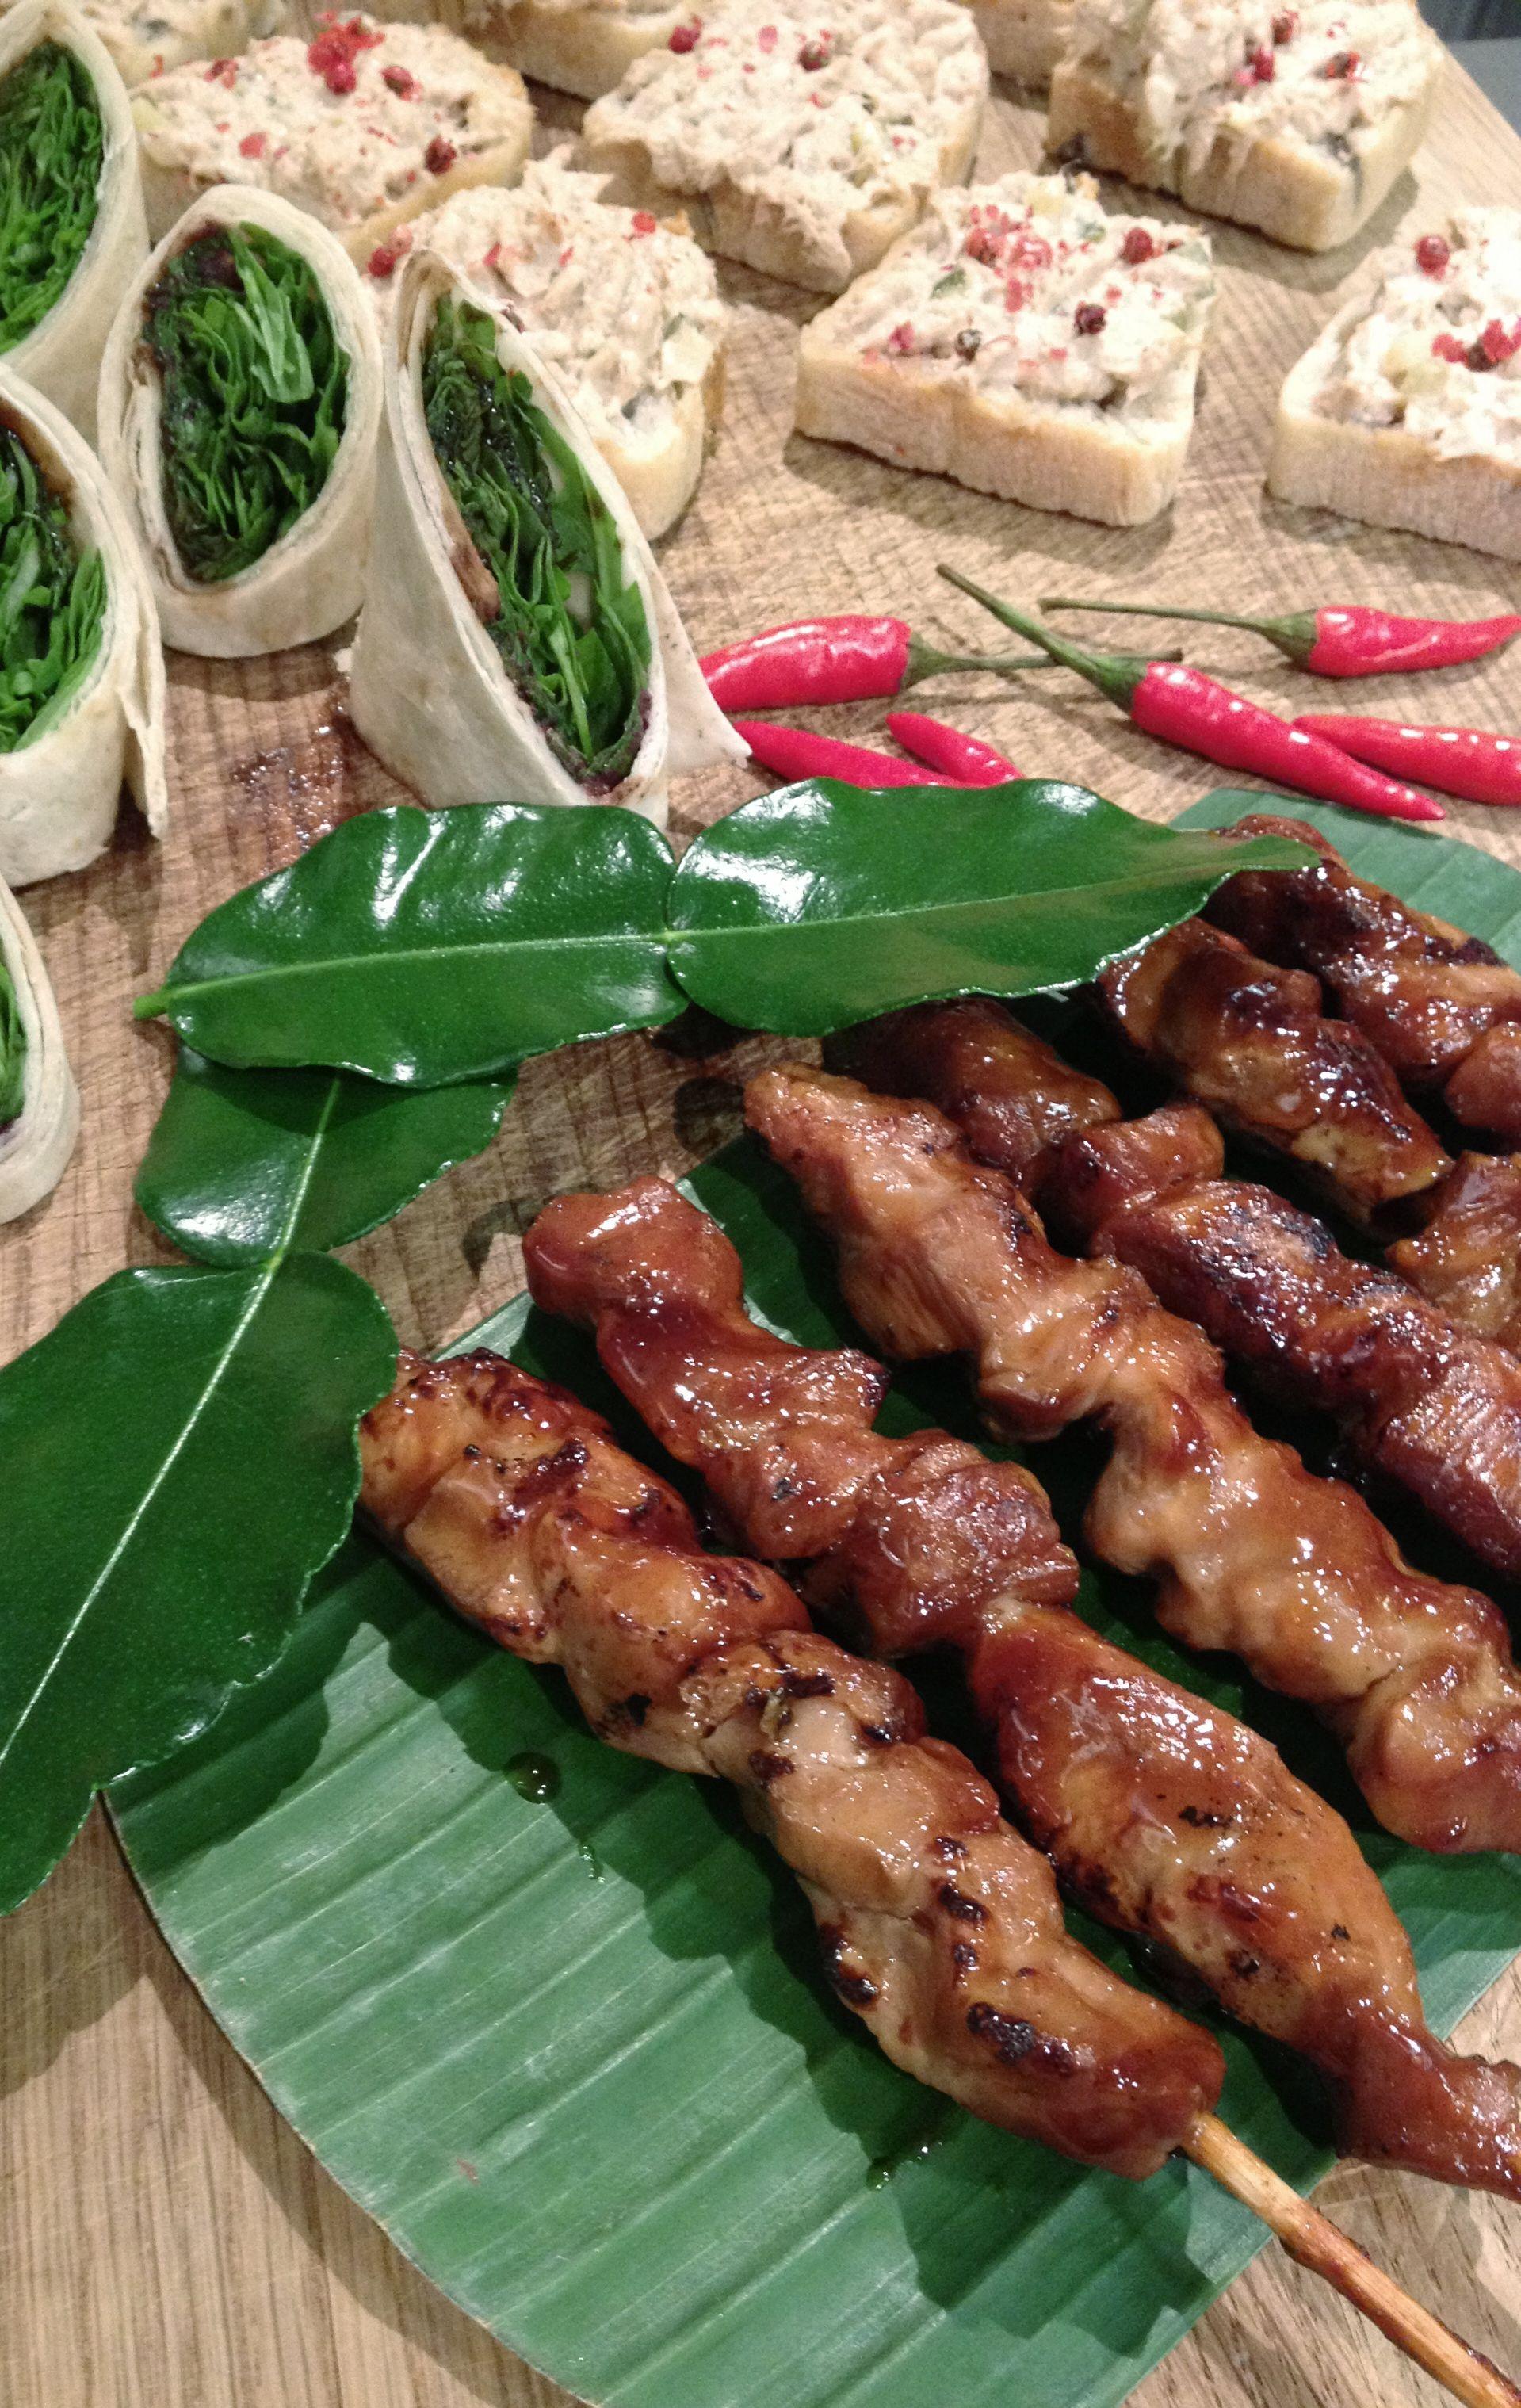 #fingerfood #food #bloggerevent #miasansiemensgeniesser #blogger #siemens #enjoysiemens